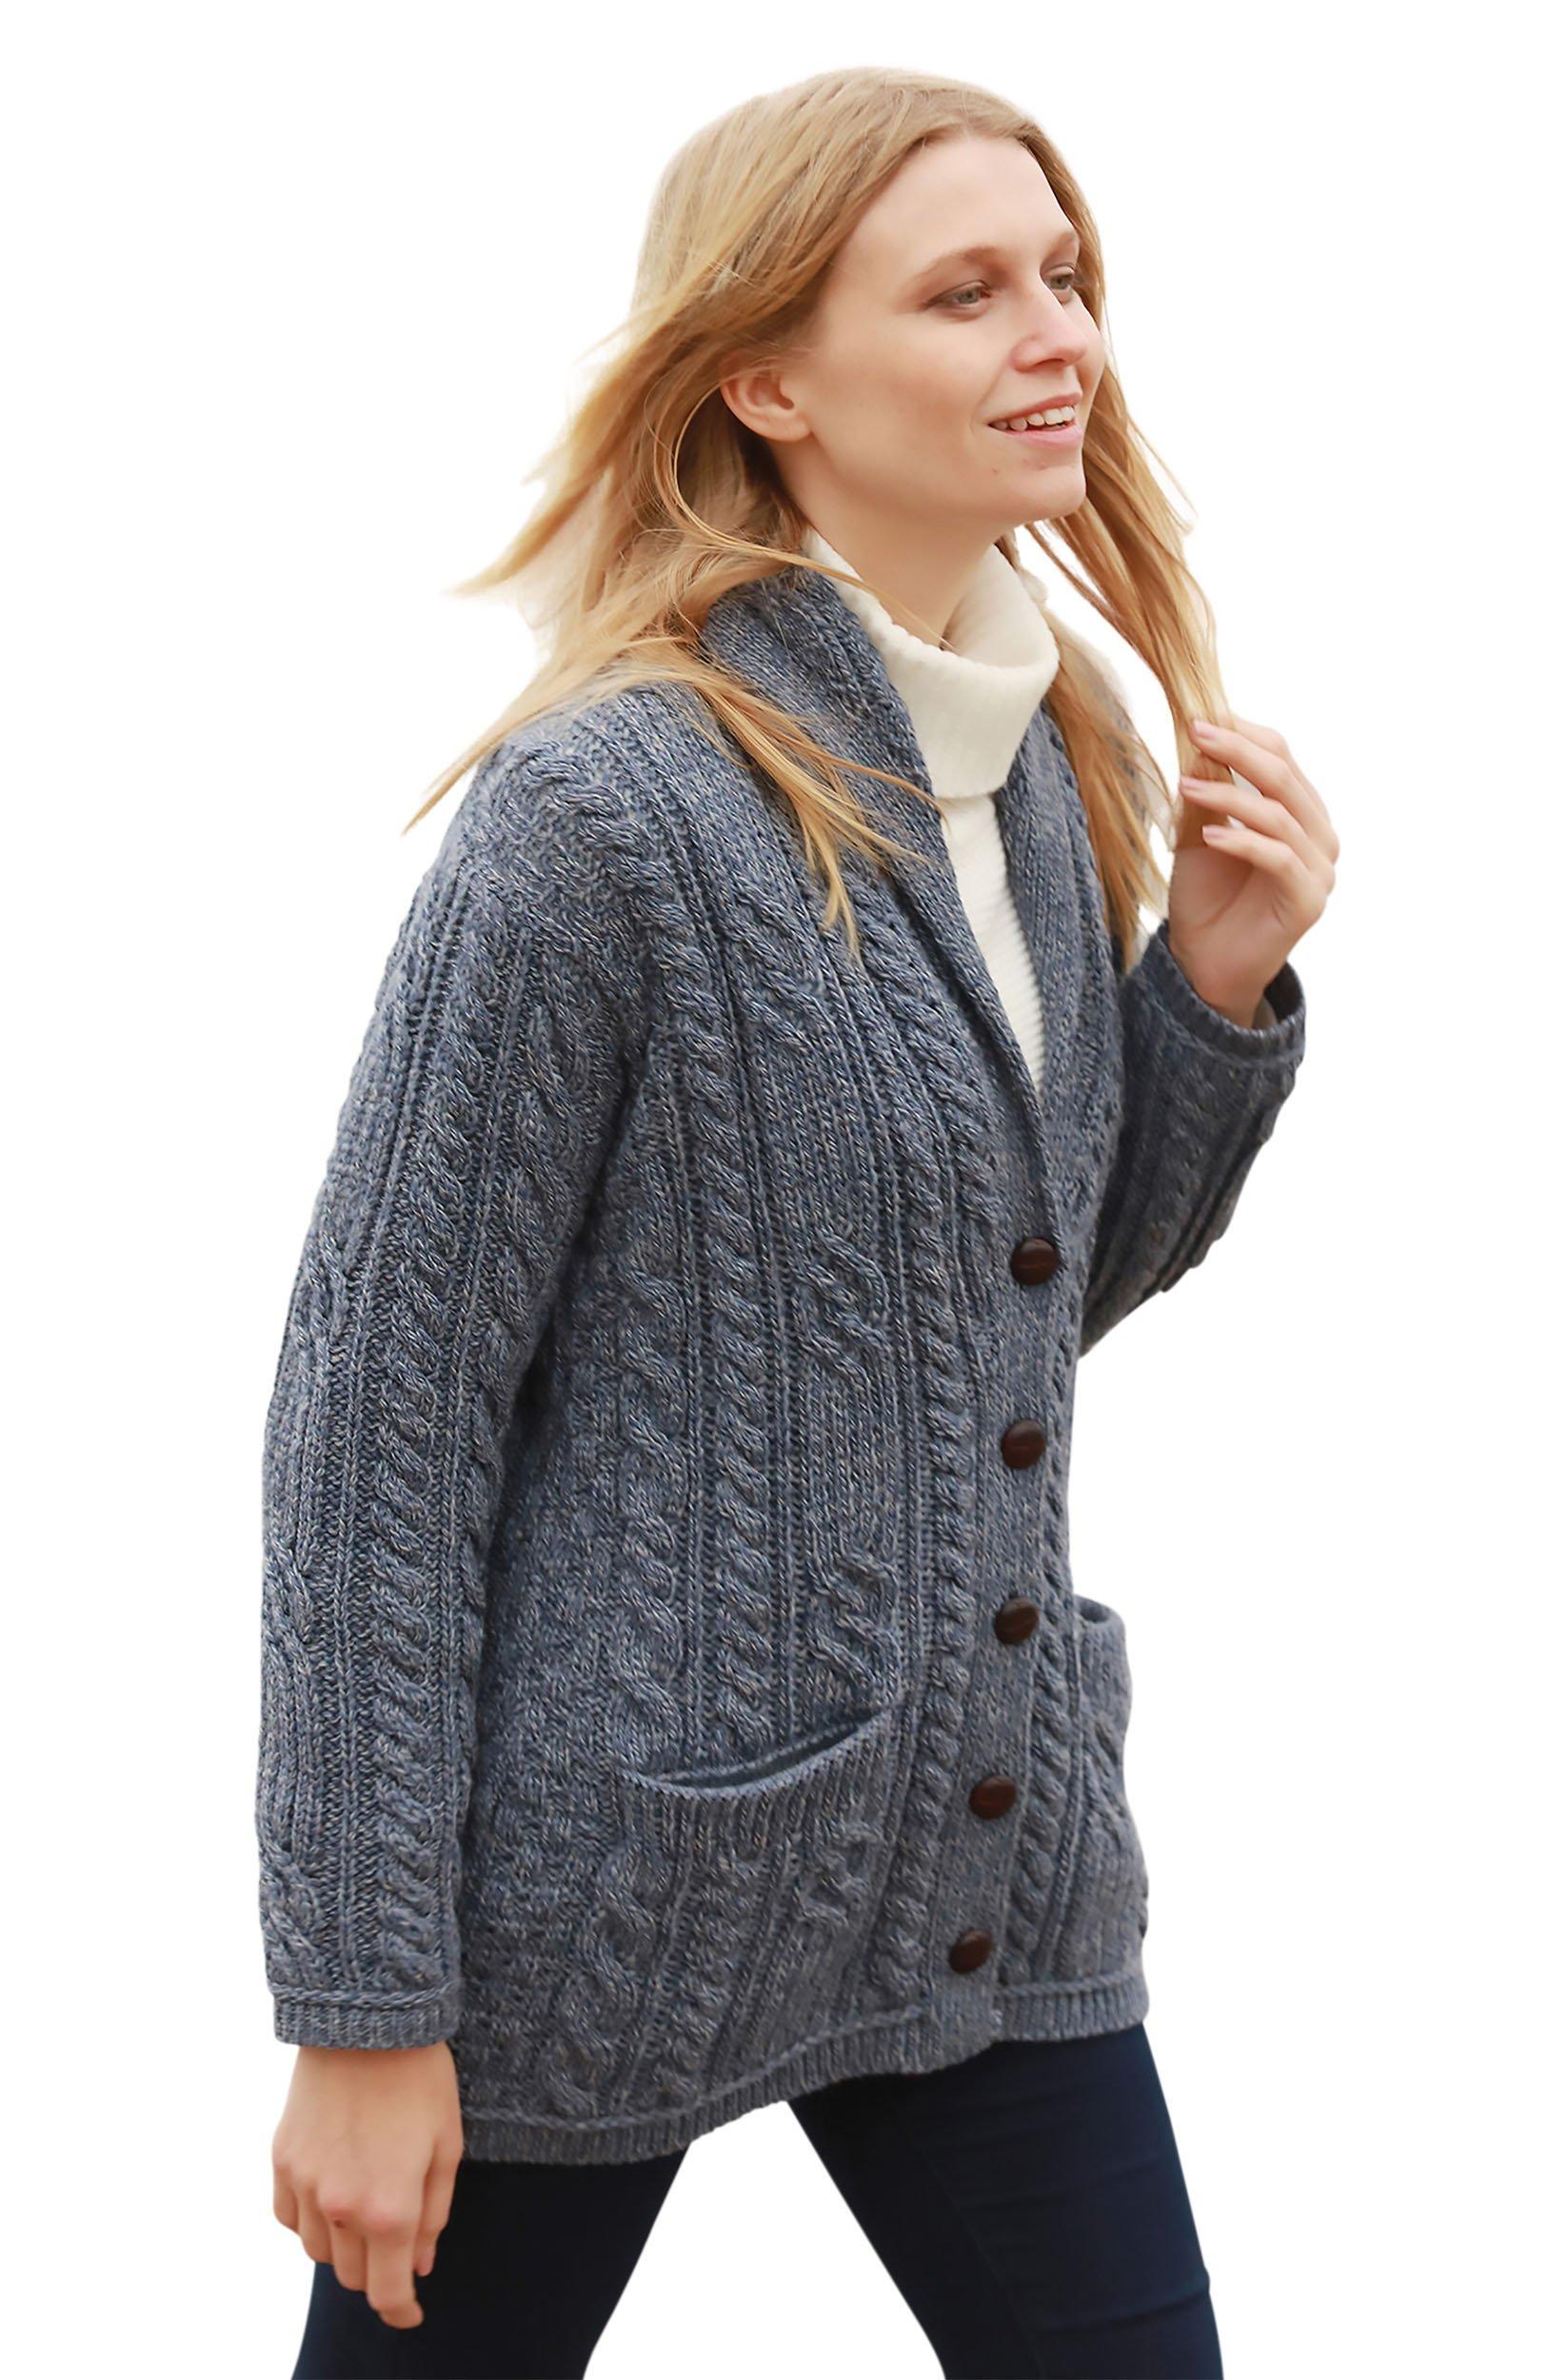 Aran Woollen Mills Multi Wool Cable Knit Irish Shawl Cardigan (Small)